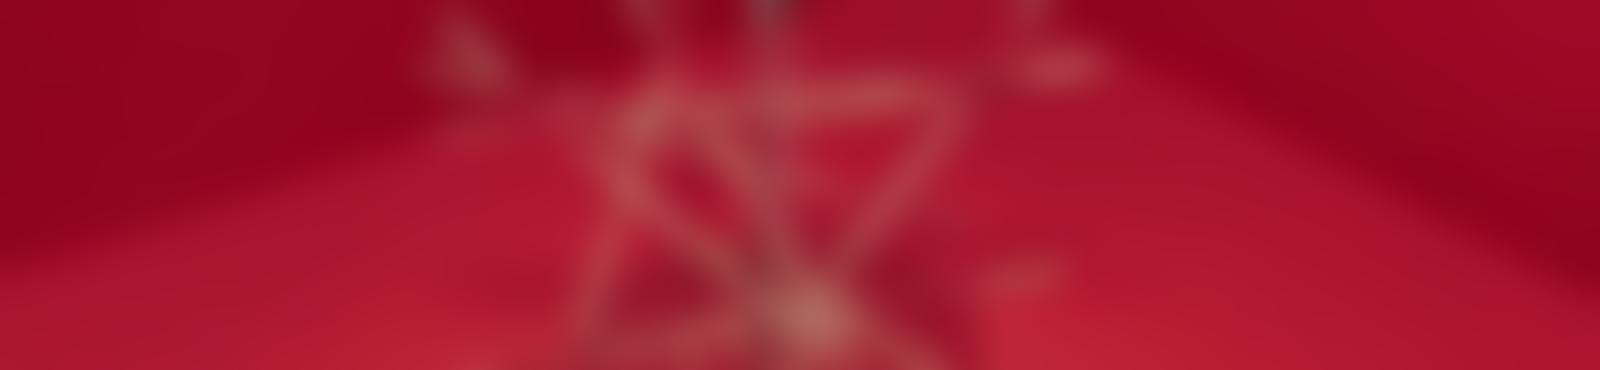 Blurred 65543af3 ec4e 4944 bff3 e92dccffc88d